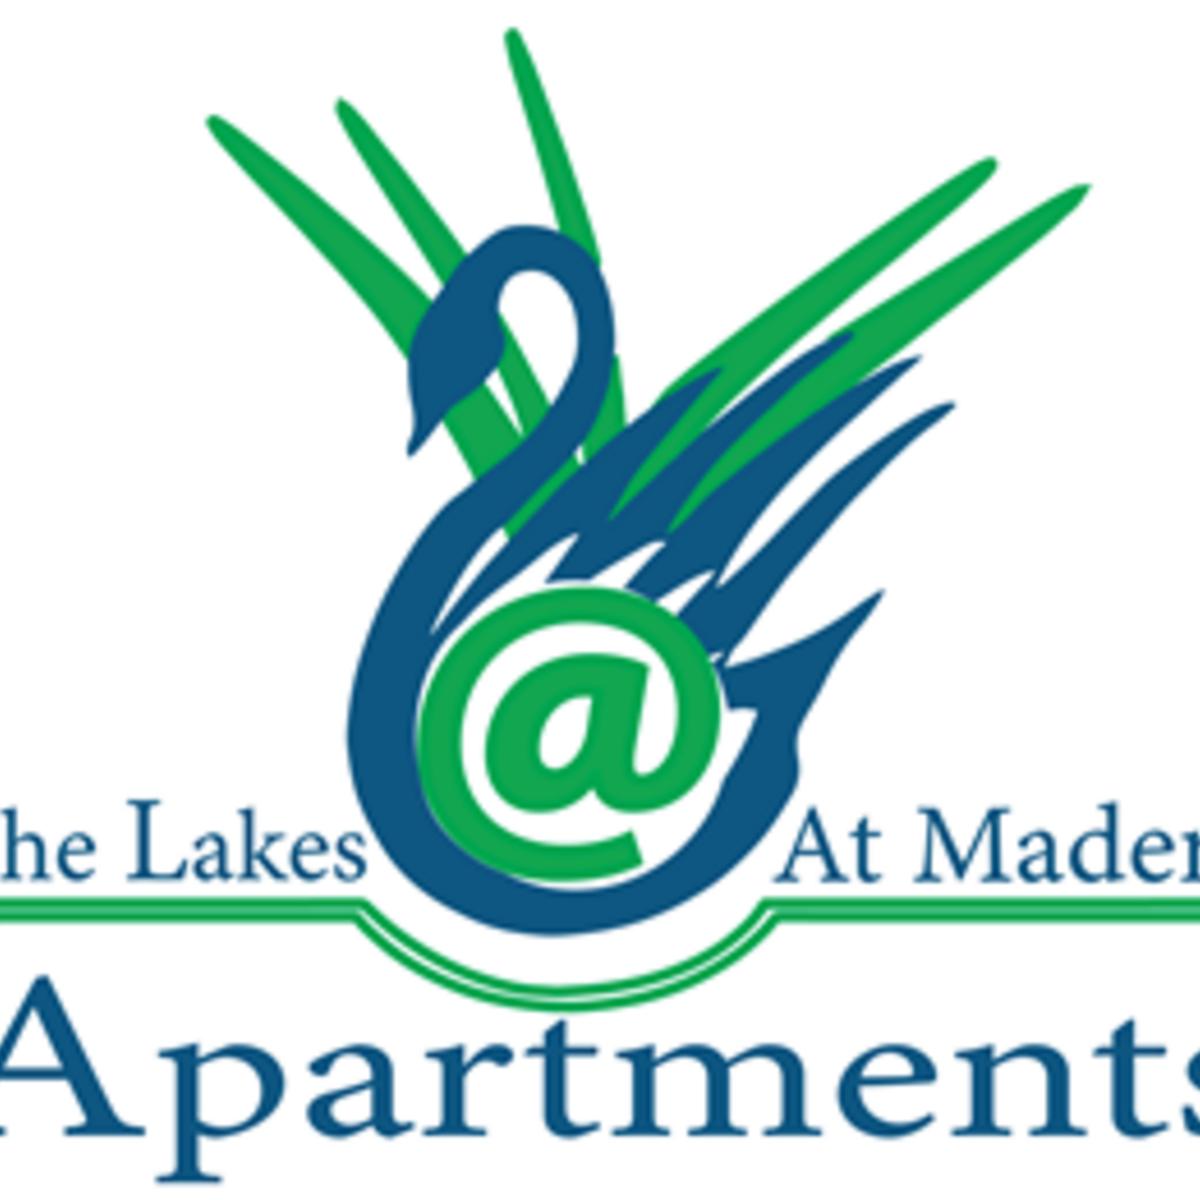 Apartments Baytown Tx: The Lakes At Madera Baytown TX